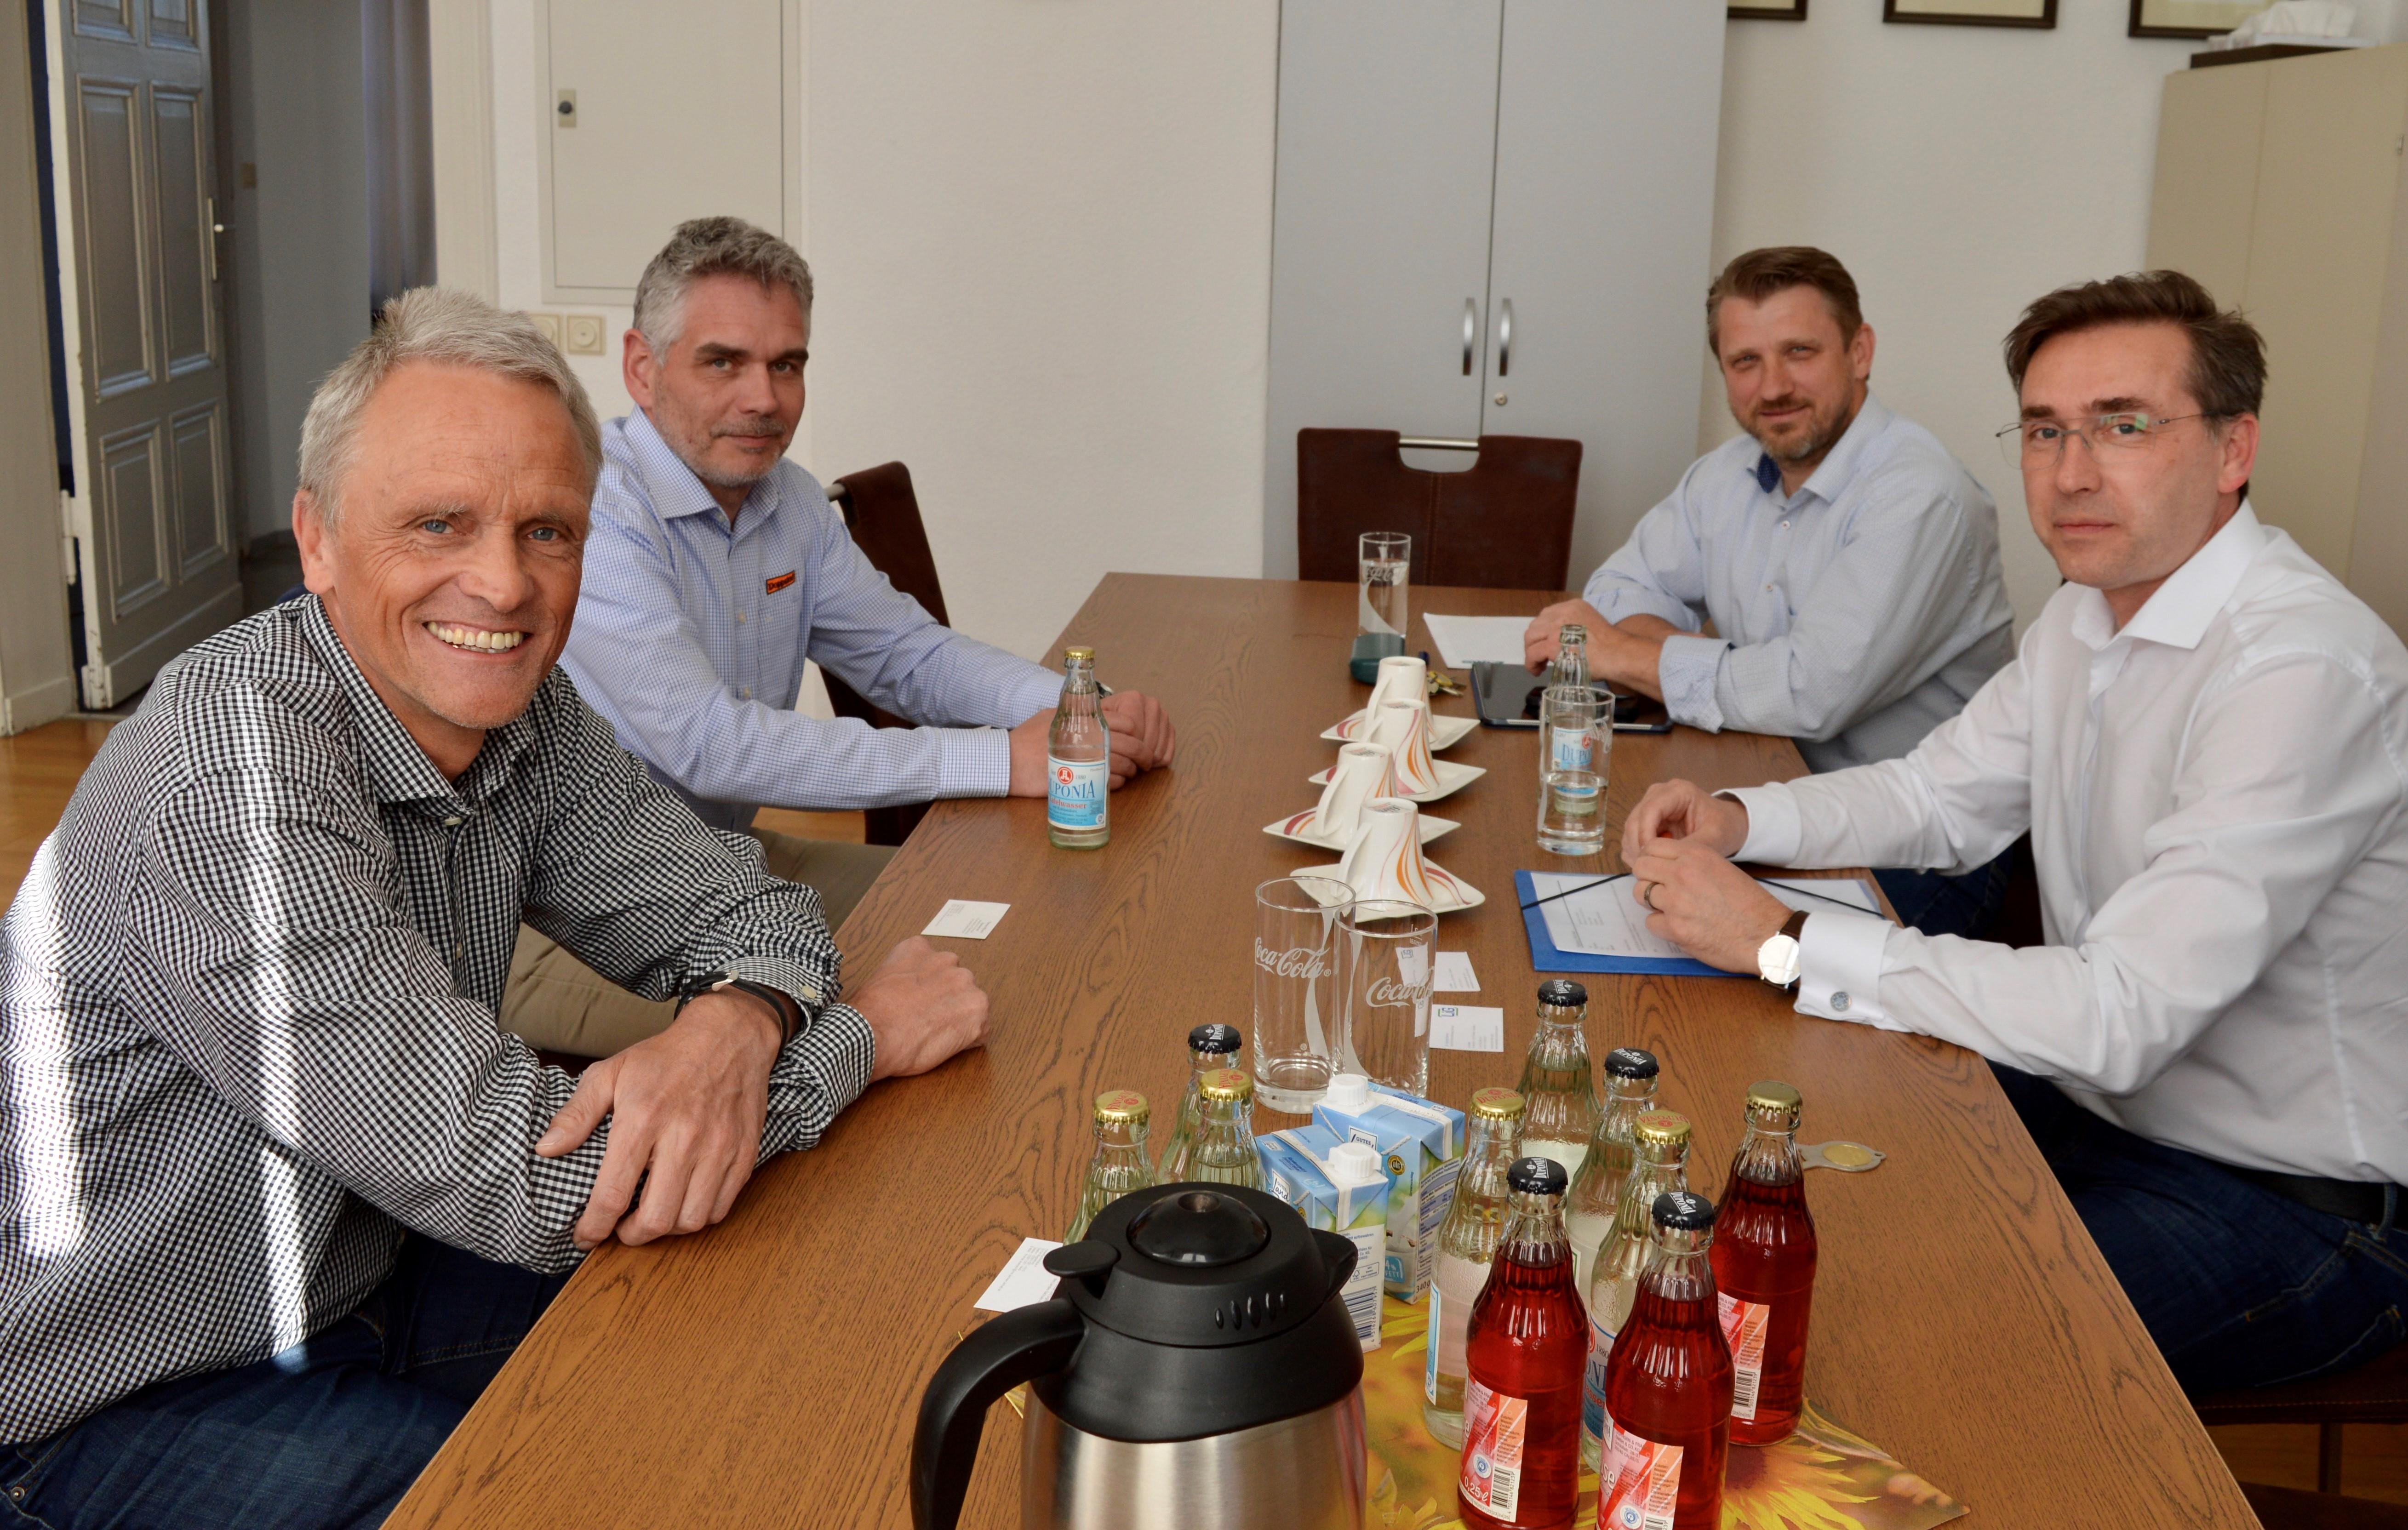 Dr. Konrad Kerres, Ferdinand Doppstadt, Bürgermeister Sven Hause und Staatssekretär Thomas Wünsch (sitzend von links) während der gemeinsamen Beratung im Rathaus der Stadt Calbe (Saale).